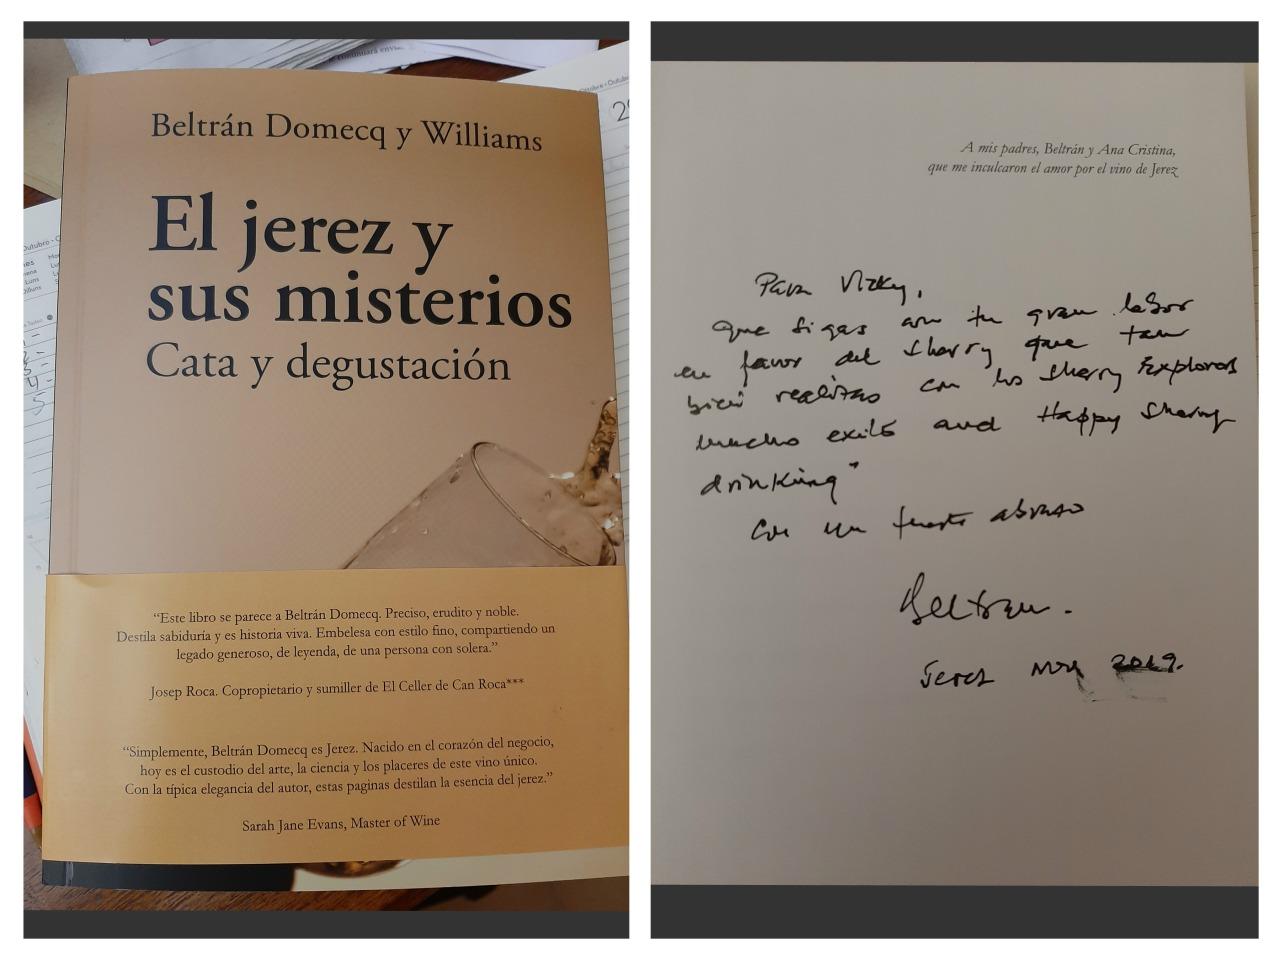 Discover Sherry recommends: El jerez y sus misterios. Edición 2019(Spanish)